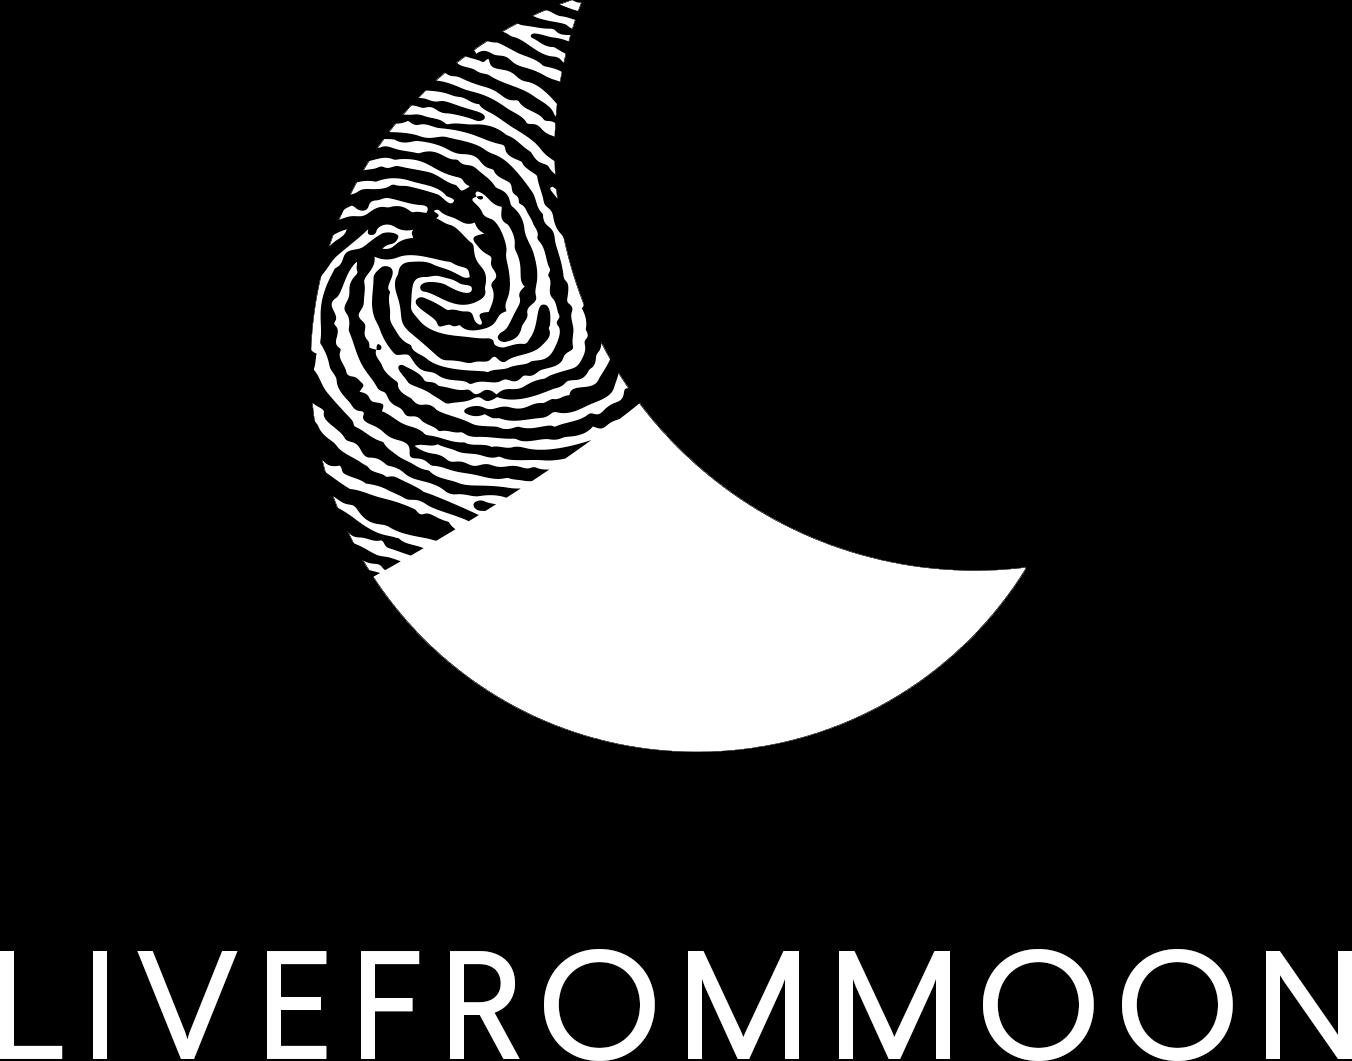 LIFE FROM MOON Logo